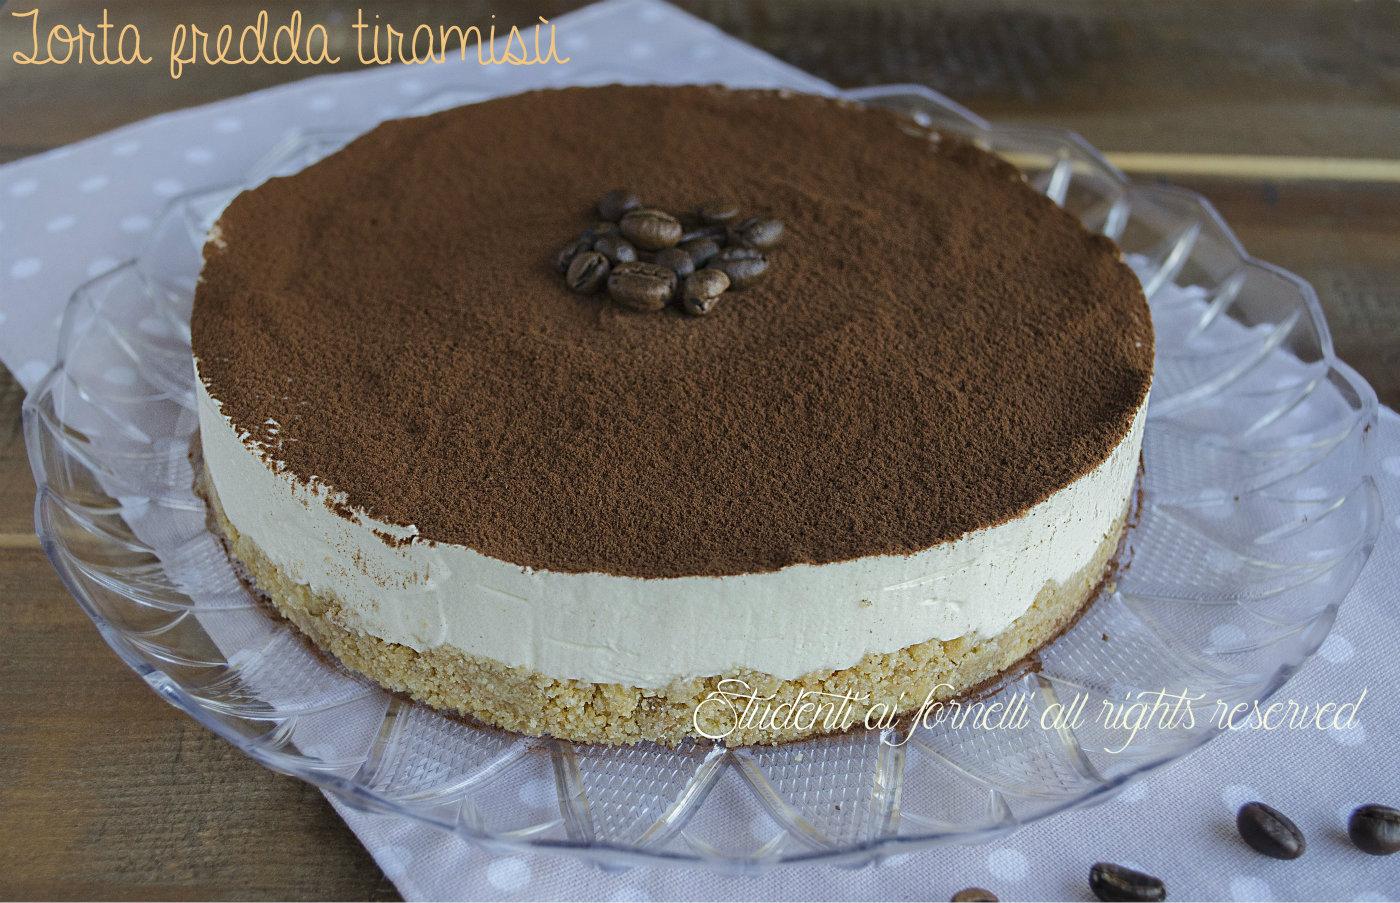 Torta fredda tiramis con caff e mascarpone ricetta for Nuove ricette dolci